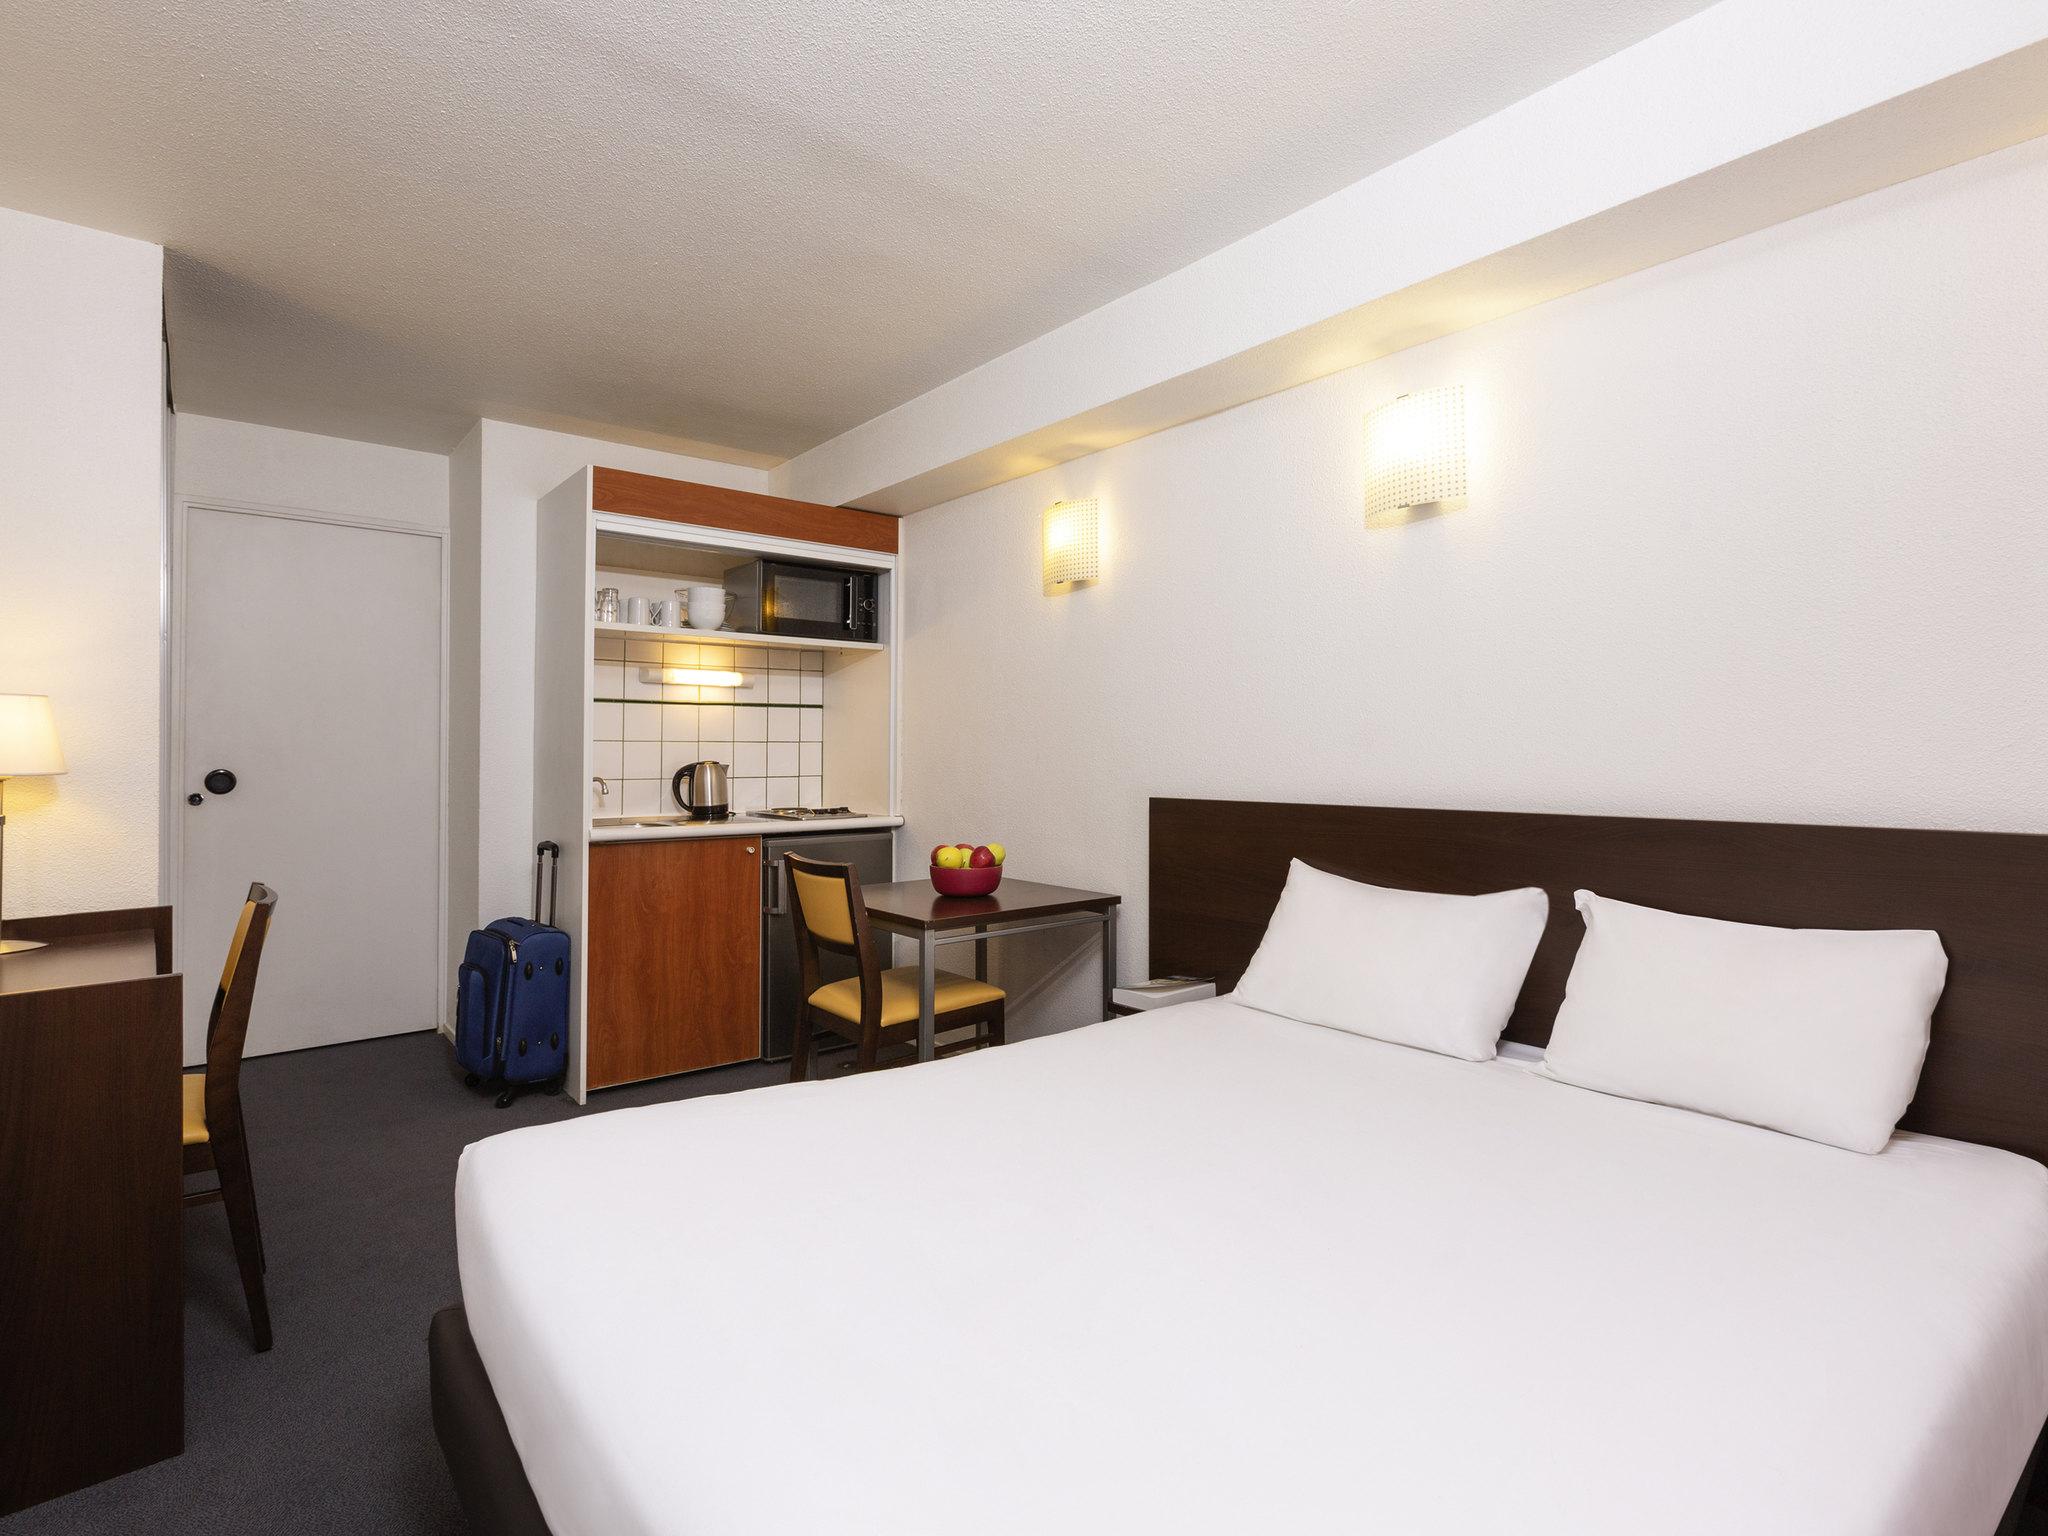 Appart hotel paris la defense pas cher for Hotel paris pas cher annulation gratuite